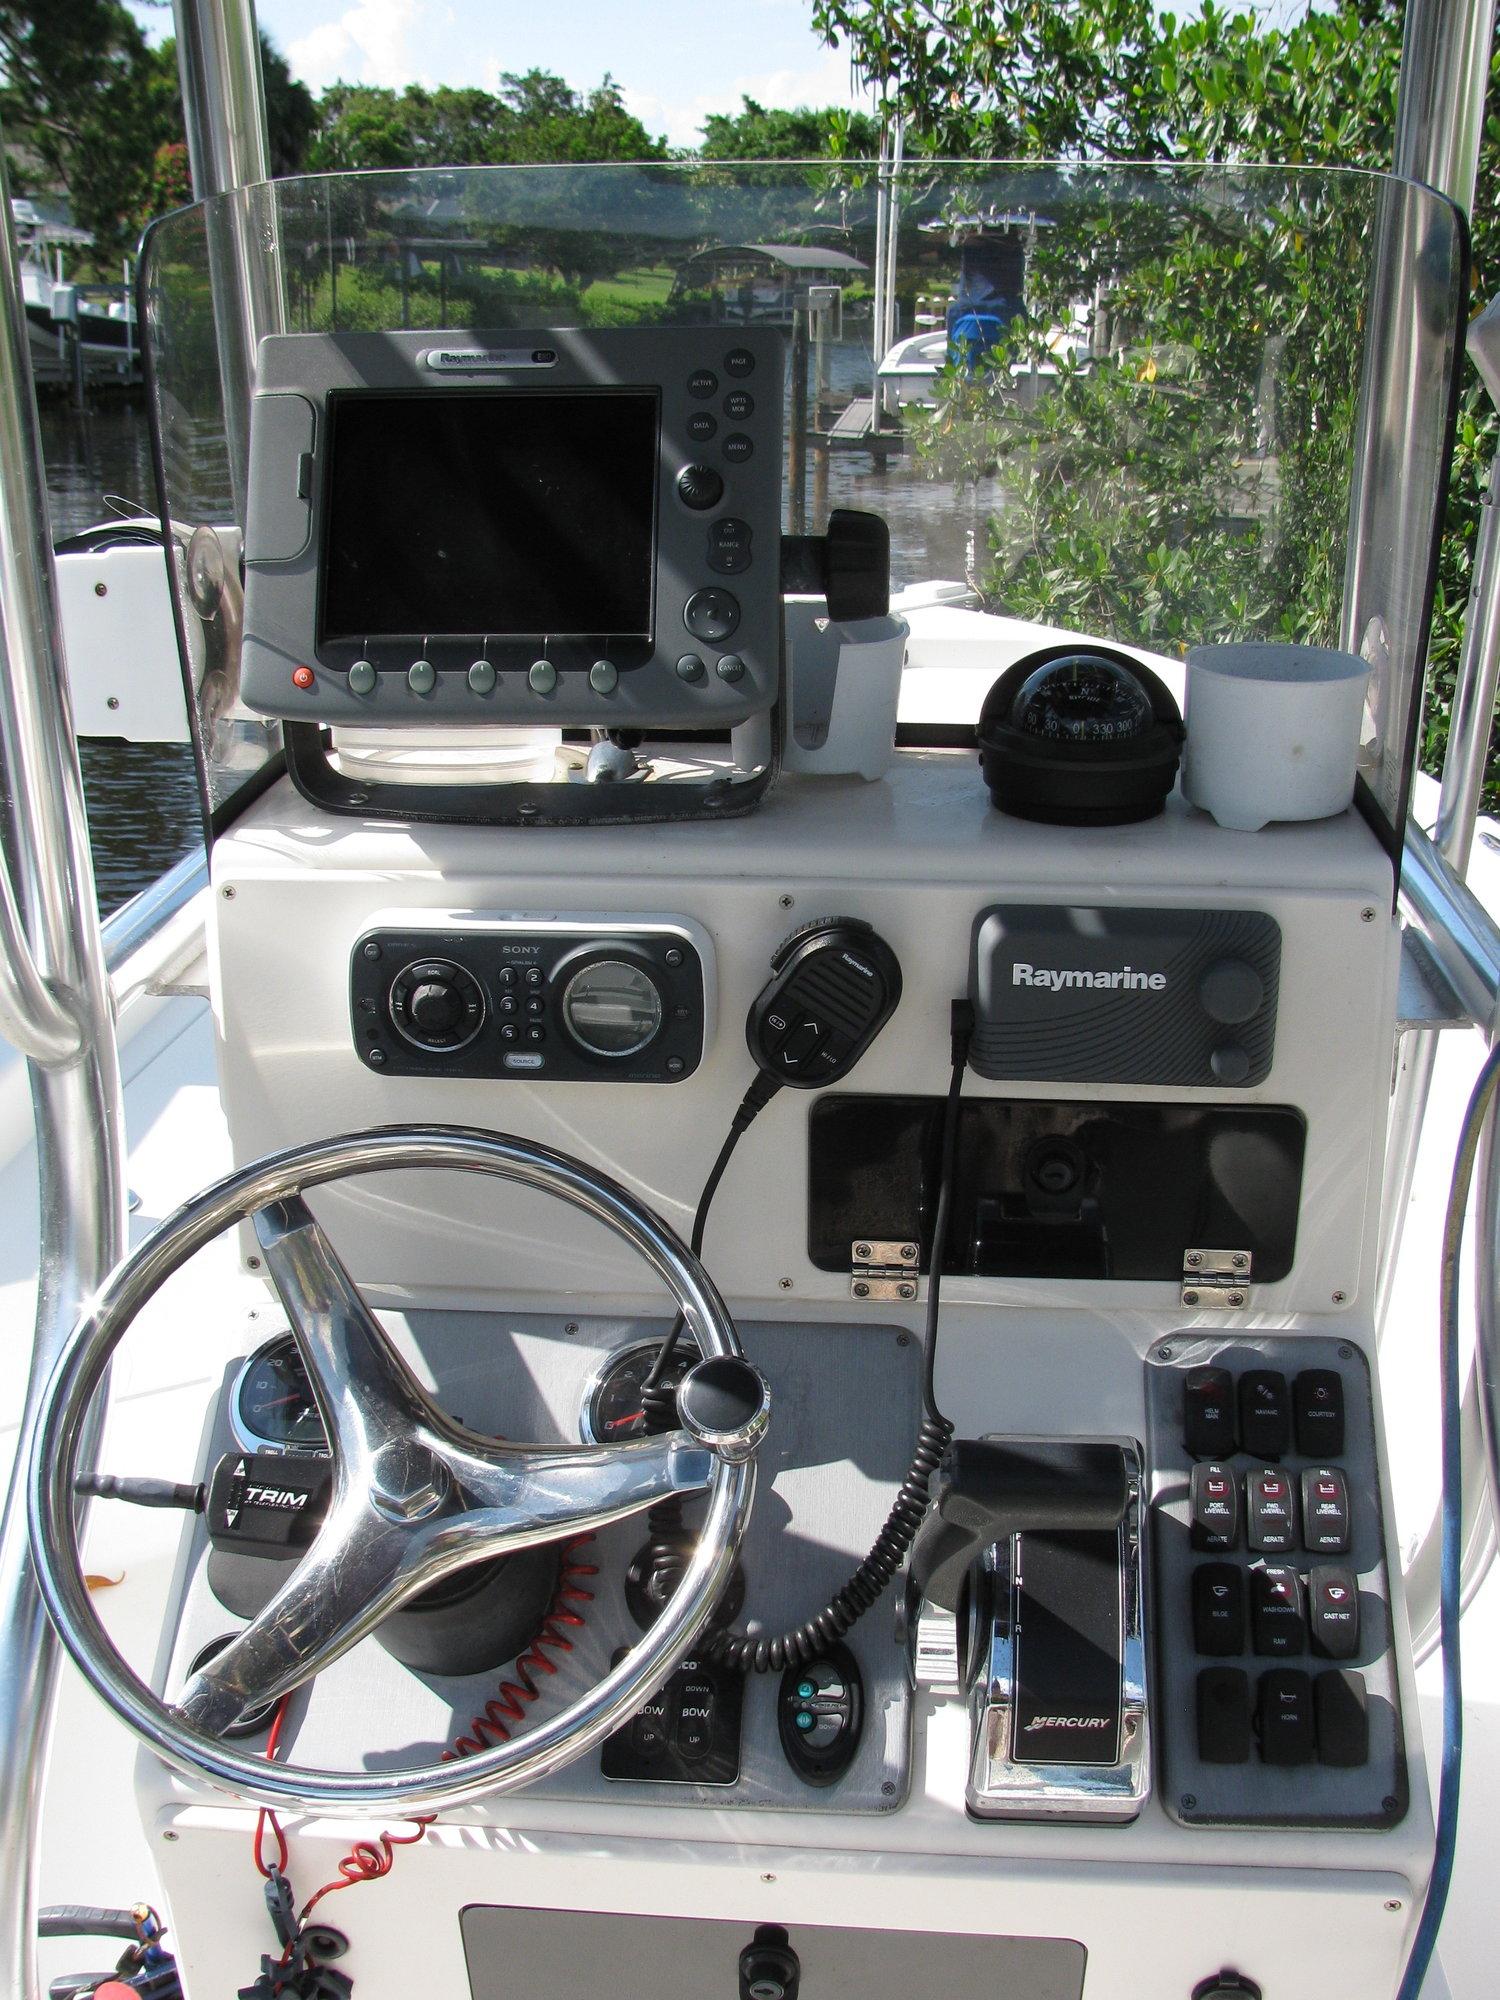 2008 Shearwater 2400Z/Mercury Optimax 300XS 3 2 stroker